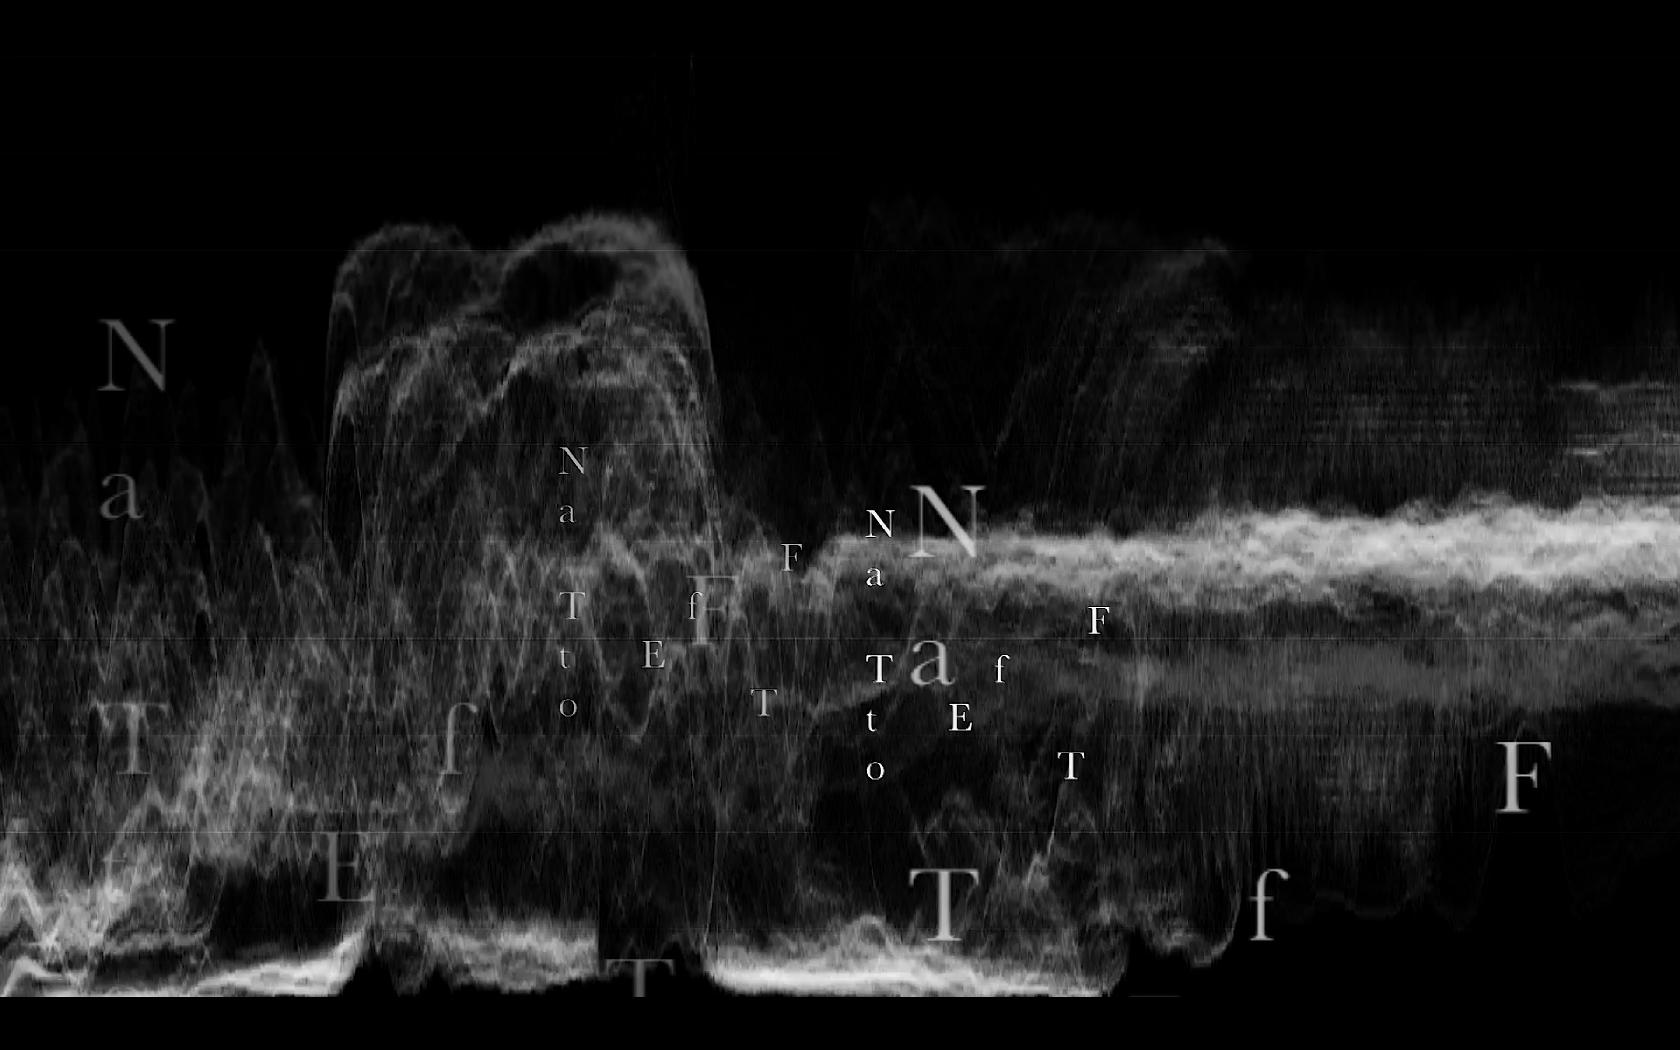 Paloma Schnitzer - Album-Teaser NaFTftEoT - videostill (project NaFTftEoT, 2021)